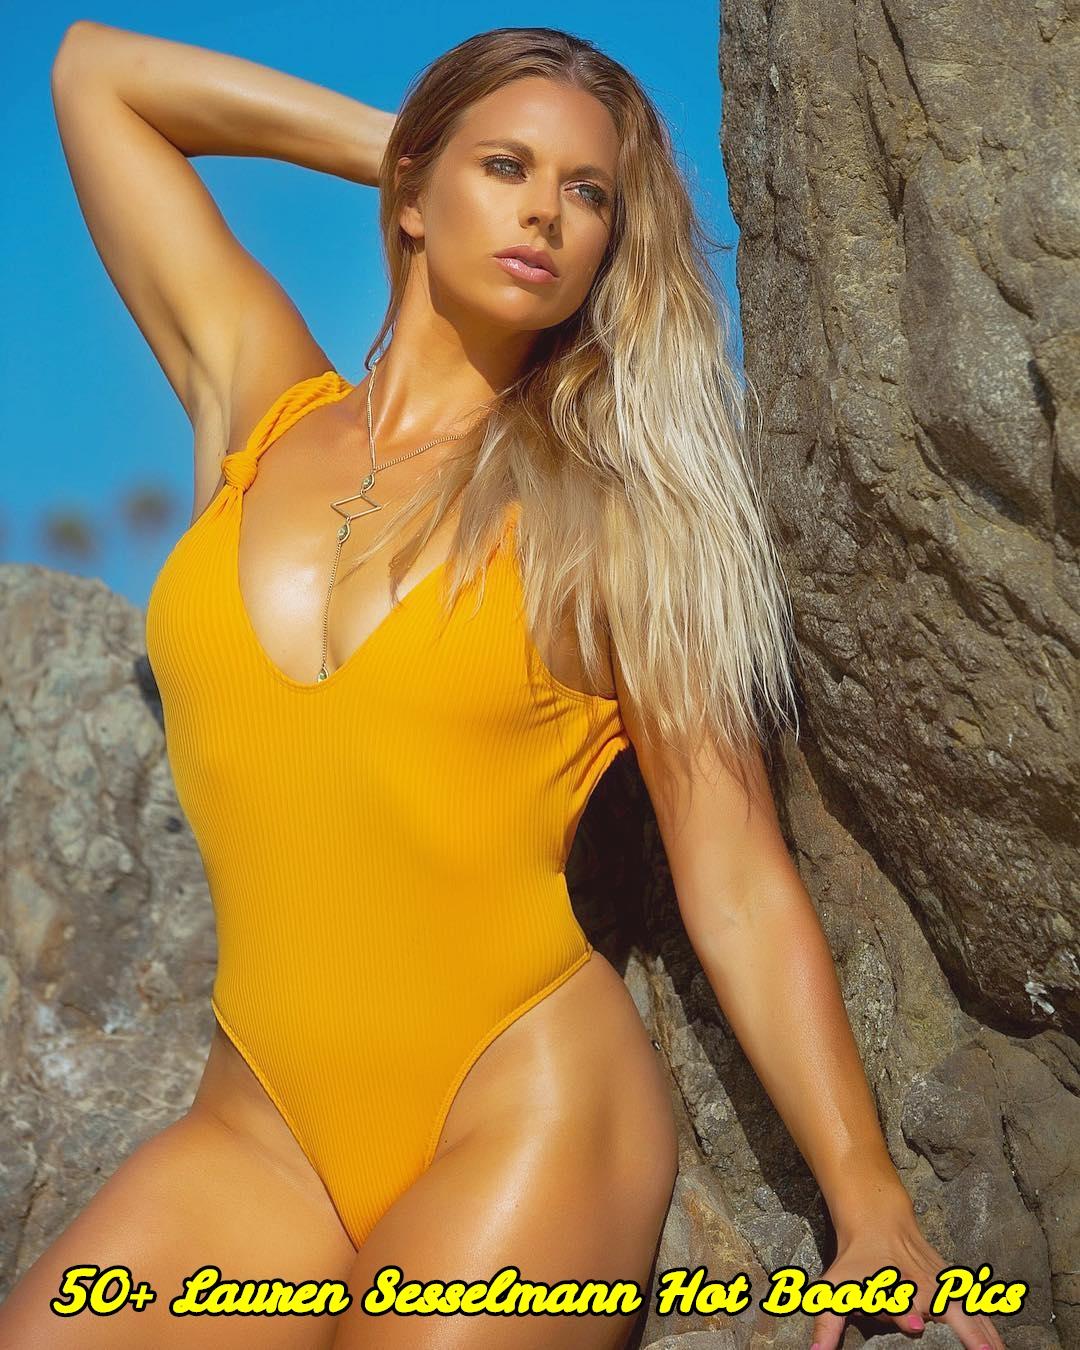 Lauren Sesselmann hot boobs pics